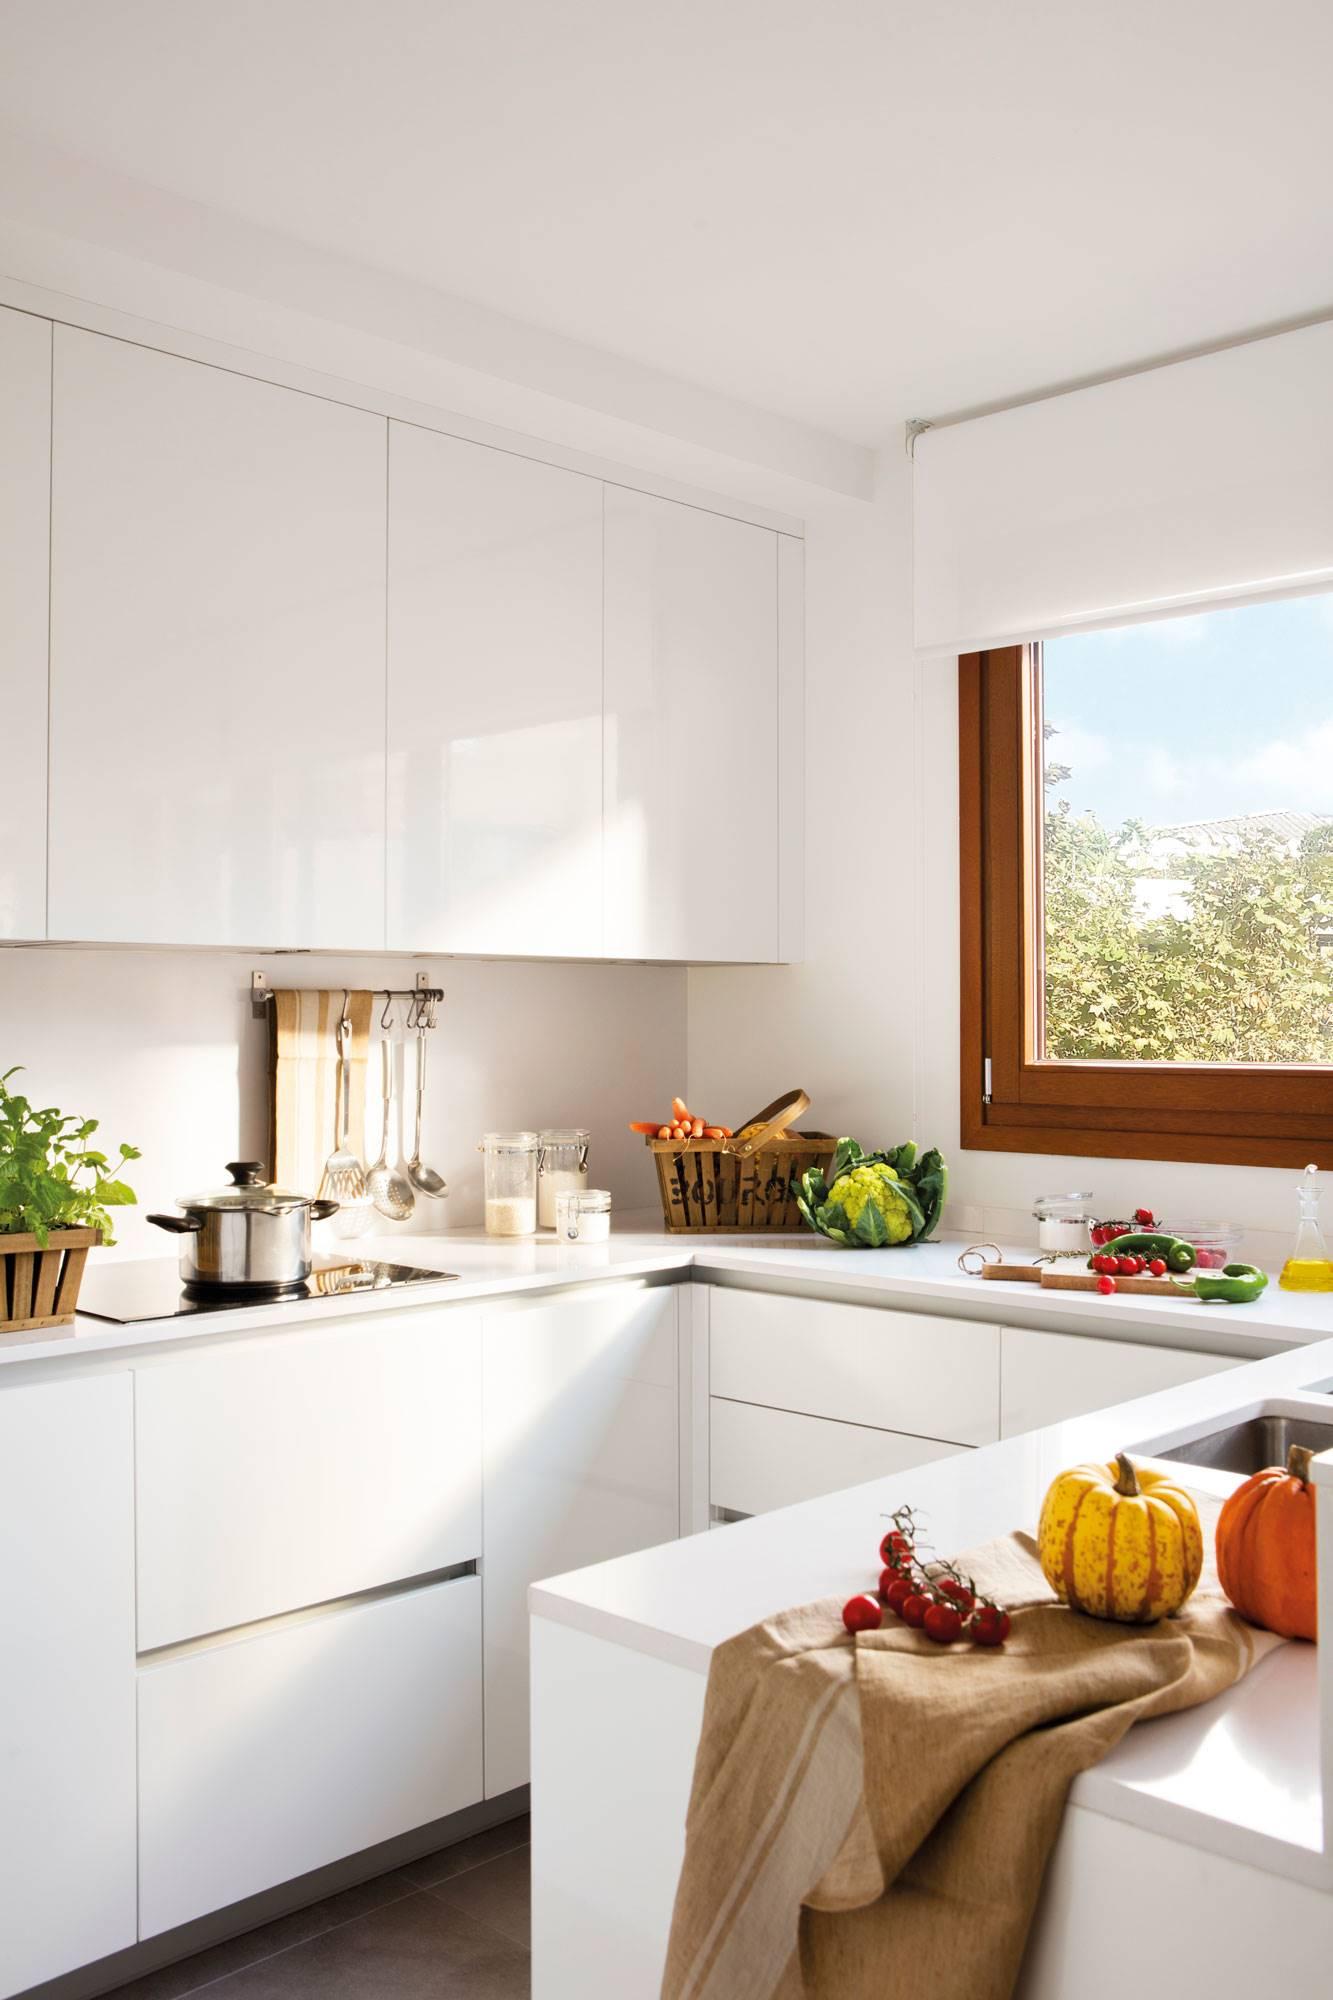 1041 fotos de muebles de cocina for Fotos de muebles de cocina